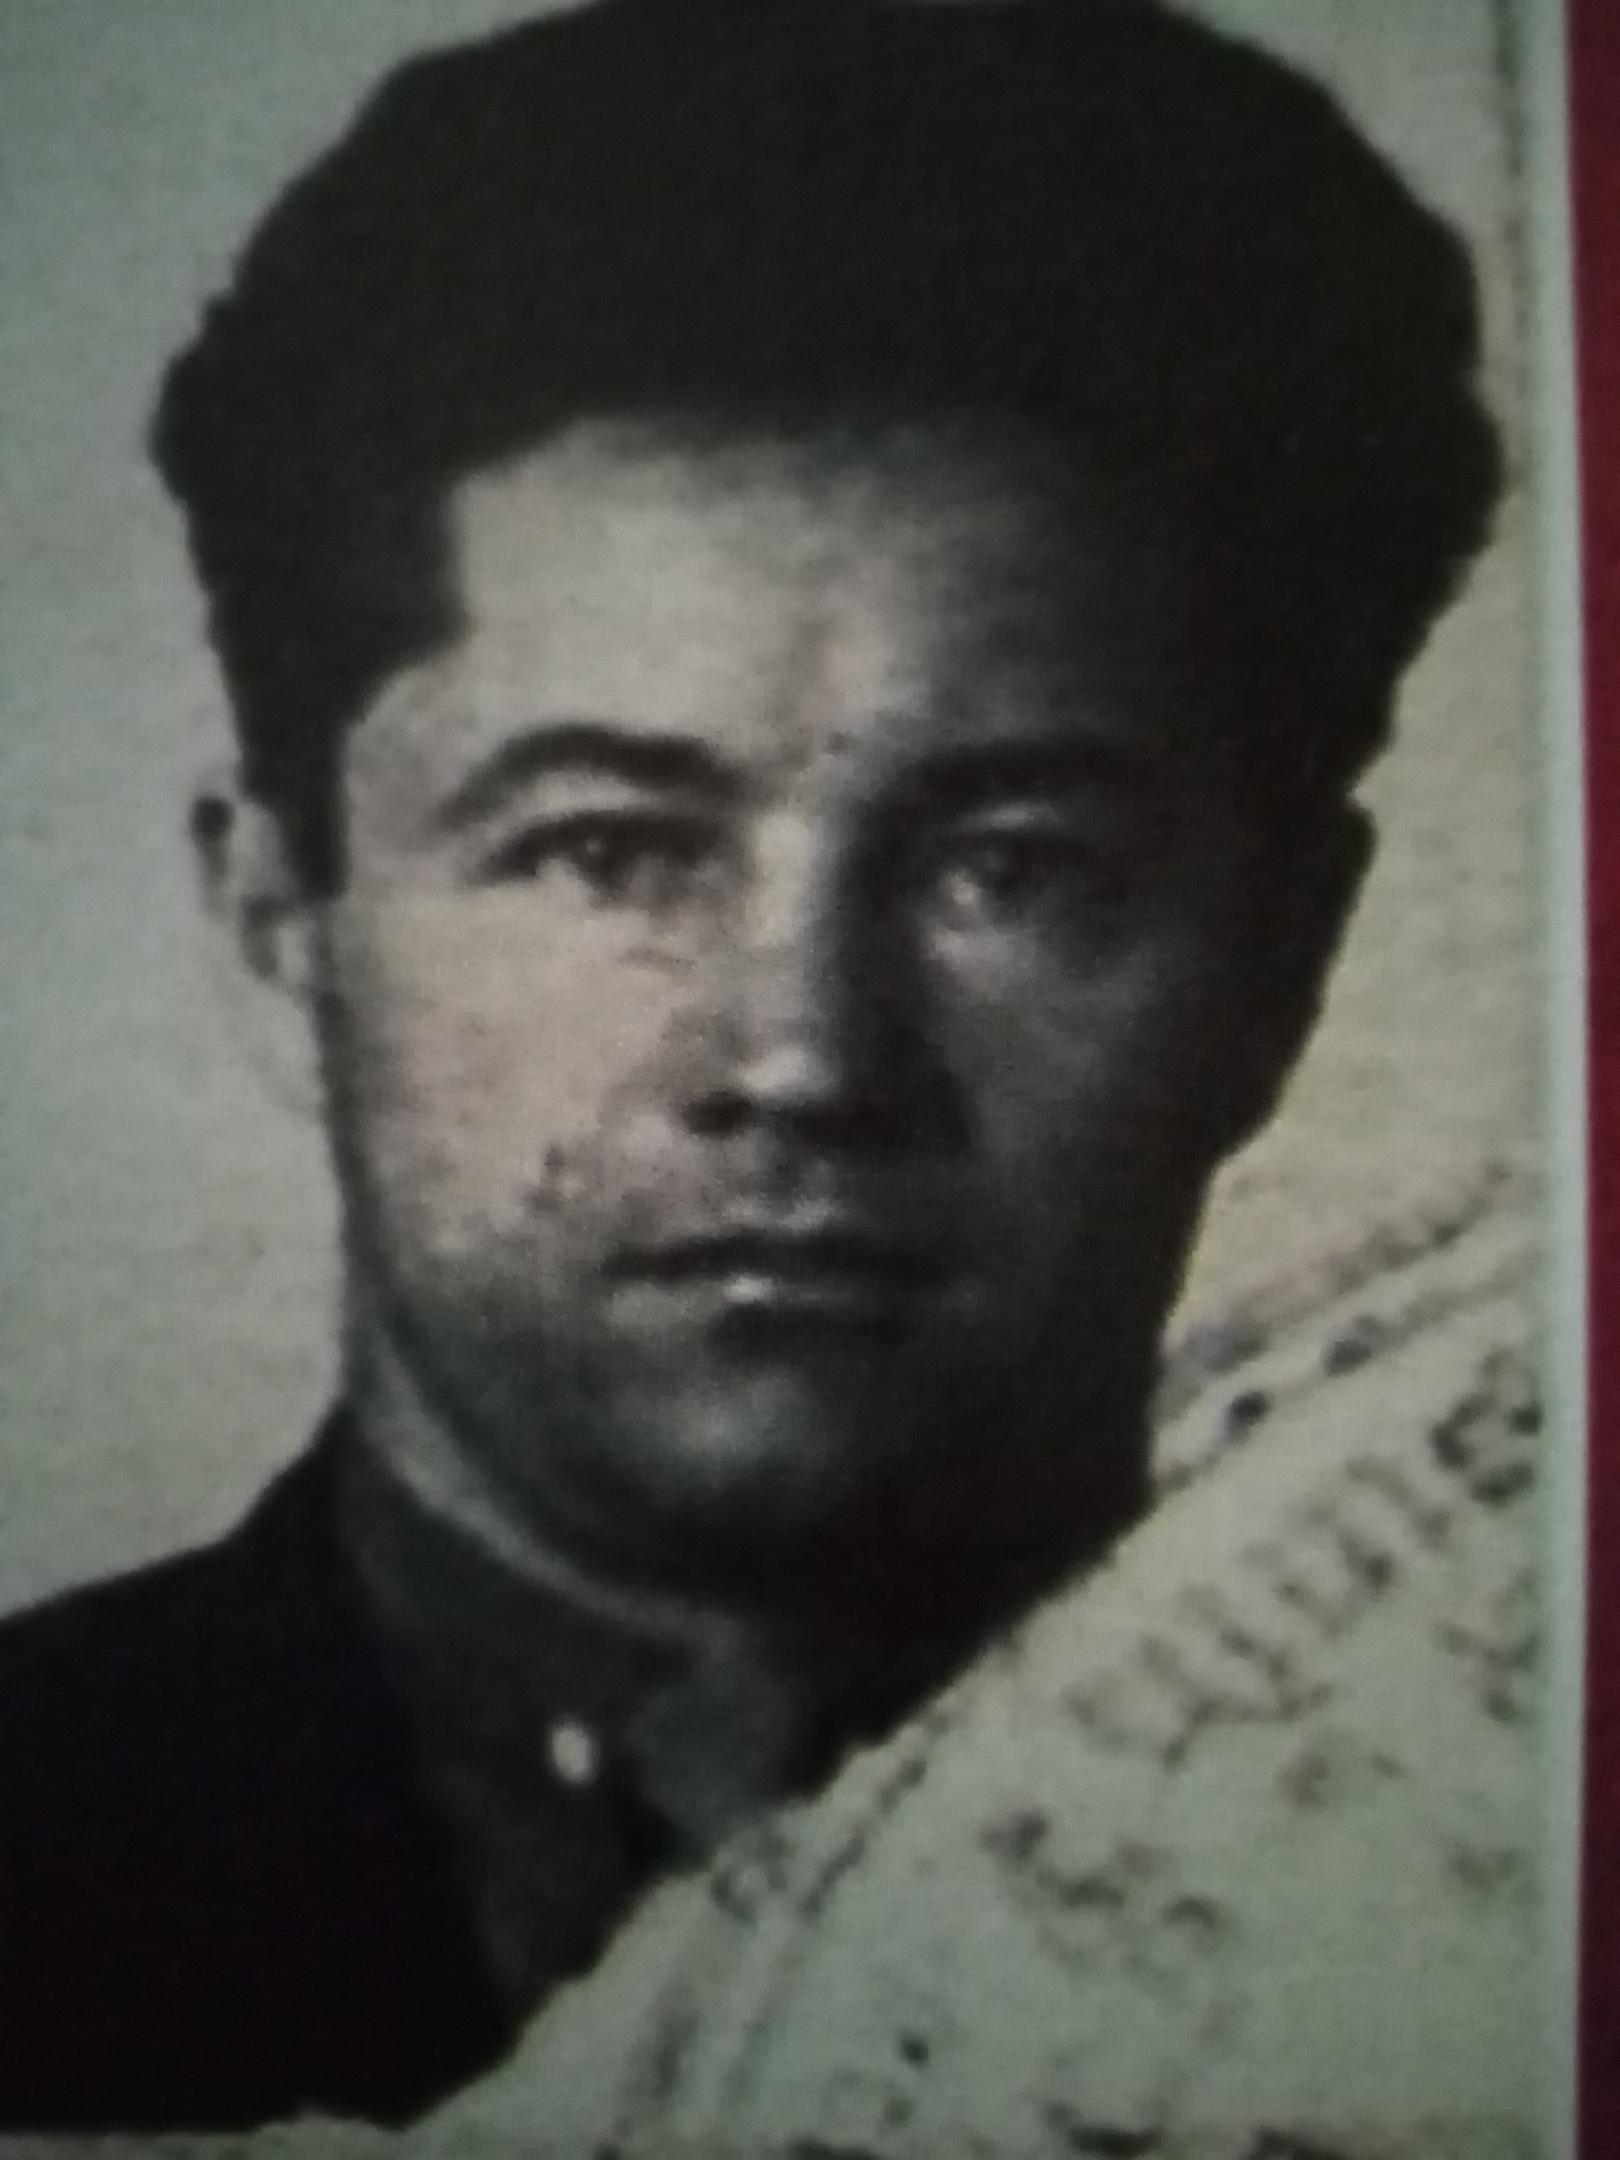 #бессмертныйполкмузеиРБ #ермекеевскиймузей #75летпобеды #75артефактовмузеиРБ Шабаев Гариф Хафизович